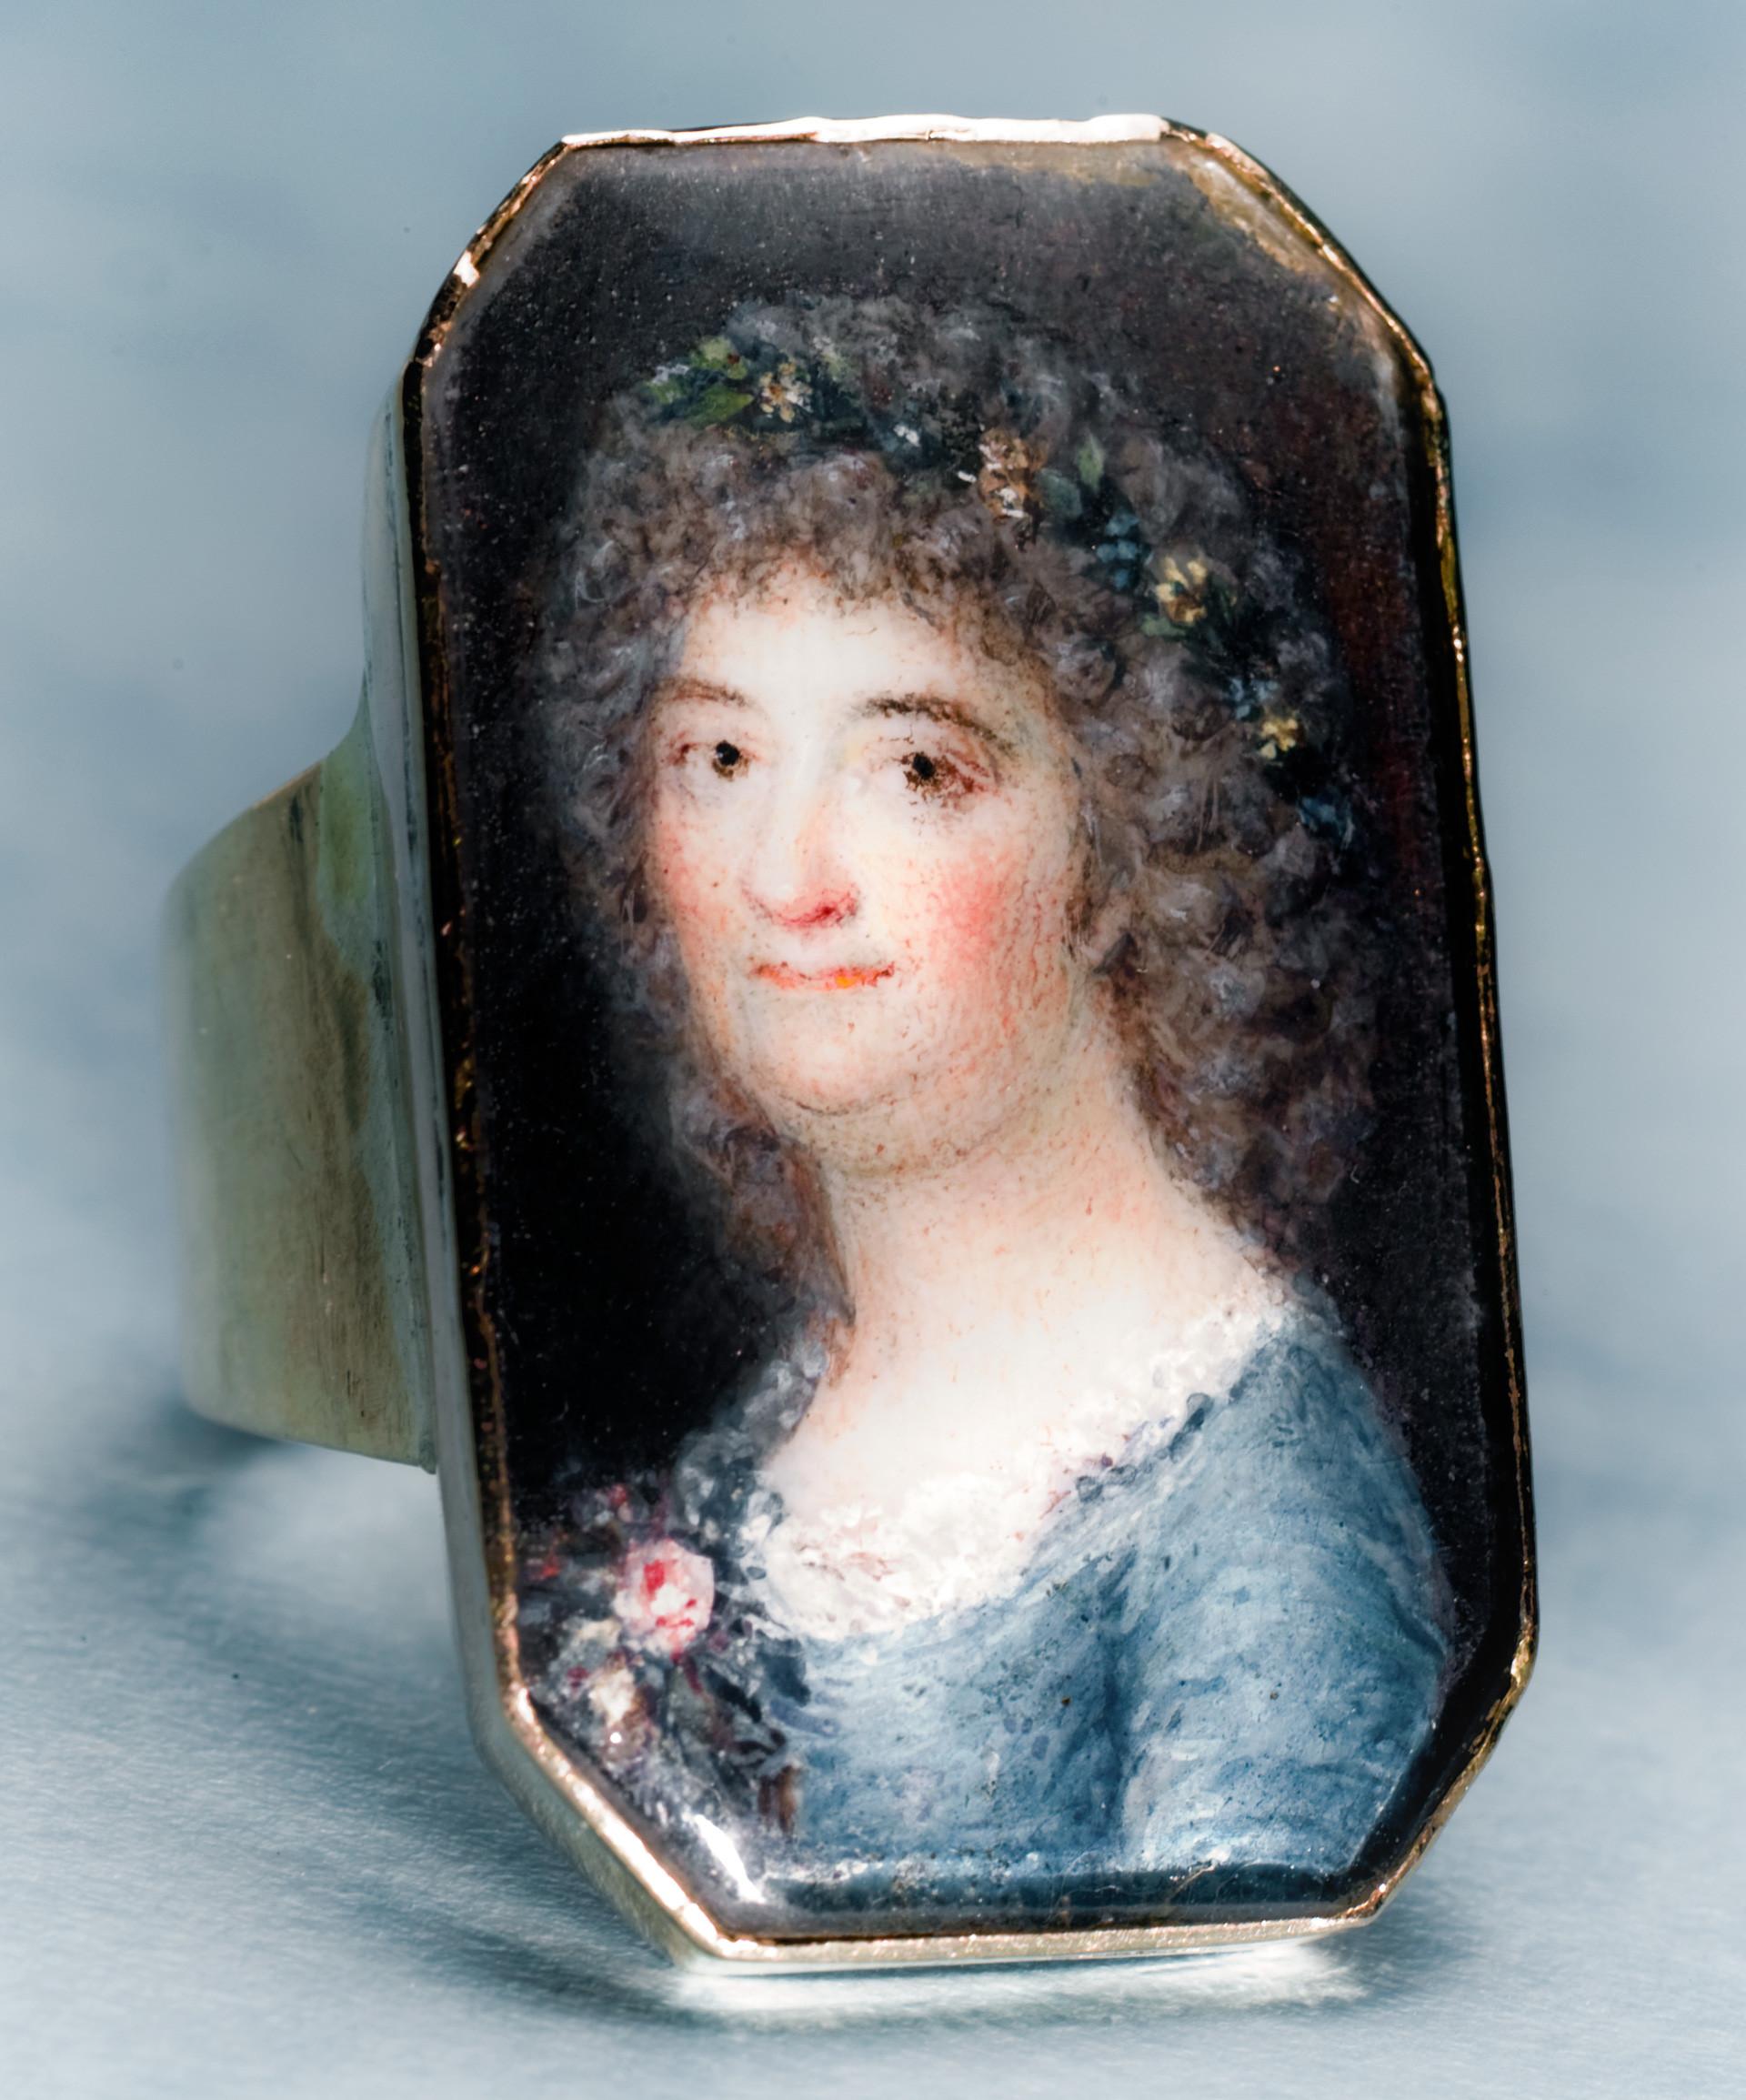 Årstafruns ring Att få sitt porträtt målat var en speciell händelse under det sena 1700-talet. Årstafrun, Märta Helena Reenstierna (1753-1841) hade både ny frisyr och en stor dos tålamod när hon poserade i sammanlagt femton timmar för detta porträtt år 1796. Ringen var en namnsdagspresent till maken, Christian Henrik von Schnell den 13 november 1796. Bilden är det hittills enda kända porträttet av Årstafrun. Porträttet är målat på ben av marinofficeren och miniatyrmålaren Jacob Henric Röngren. Infattningen gjordes av juveleraren Nils Hoffsten i Stockholm.